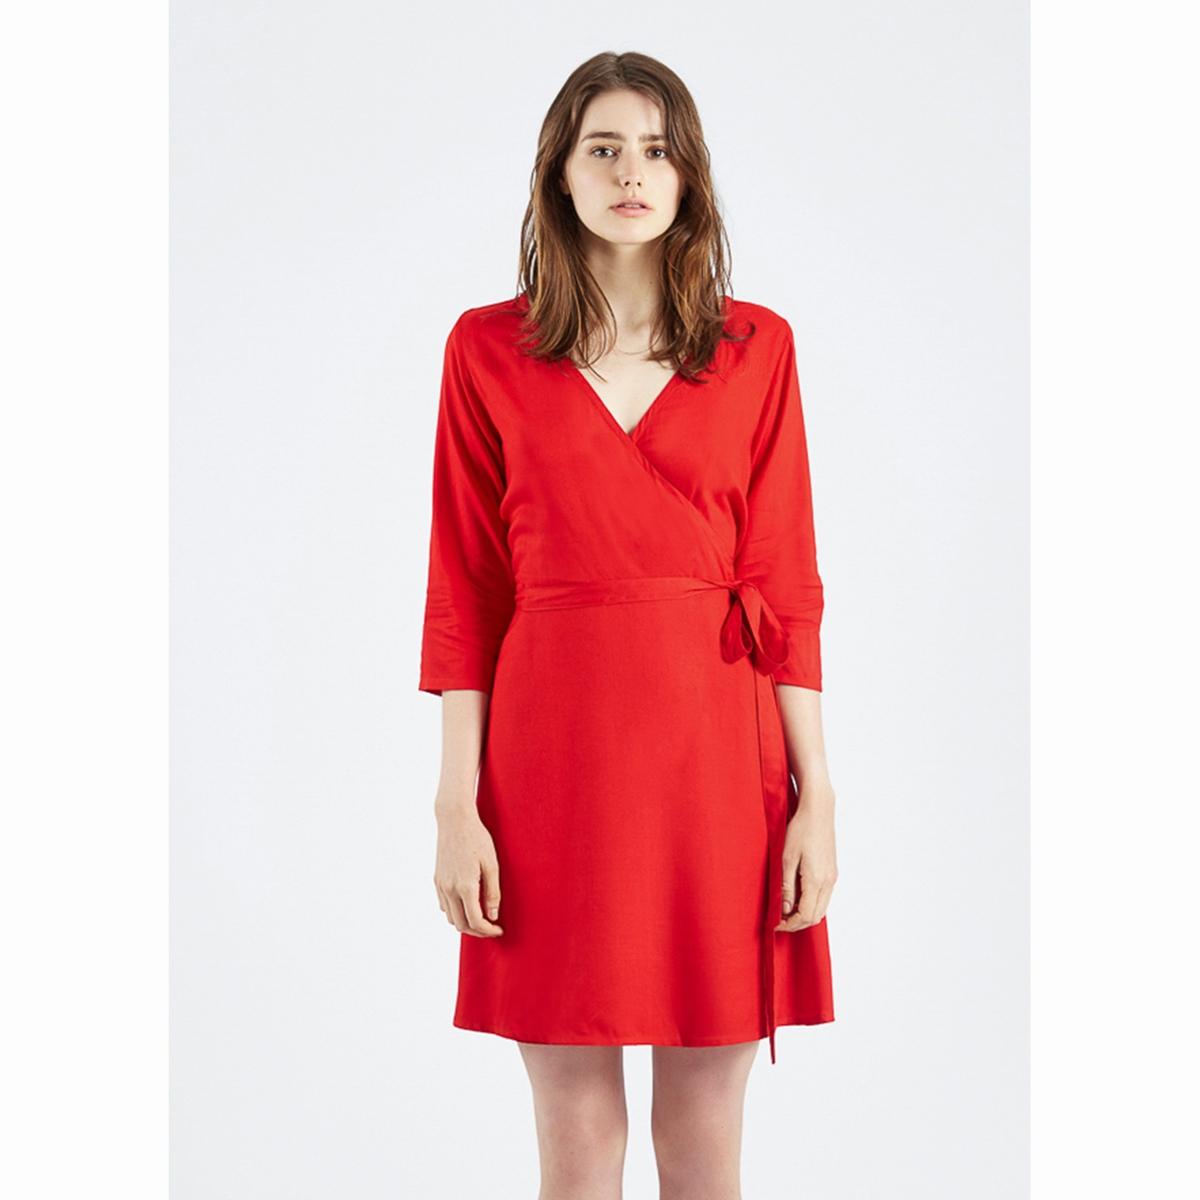 Платье с запахом Vestido Rojo MaqiСтруящееся платье с запахом, Vestido Rojo Maqi. Рукава ?. V-образный вырез, перекрещивающиеся полы спереди. Пояс с завязками. Состав и описаниеМатериалы : 100% вискозаМарка : Compania FantasticaМодель : Vestido Rojo MaqiУходСледуйте рекомендациям по уходу, указанным на этикетке изделия.<br><br>Цвет: красный